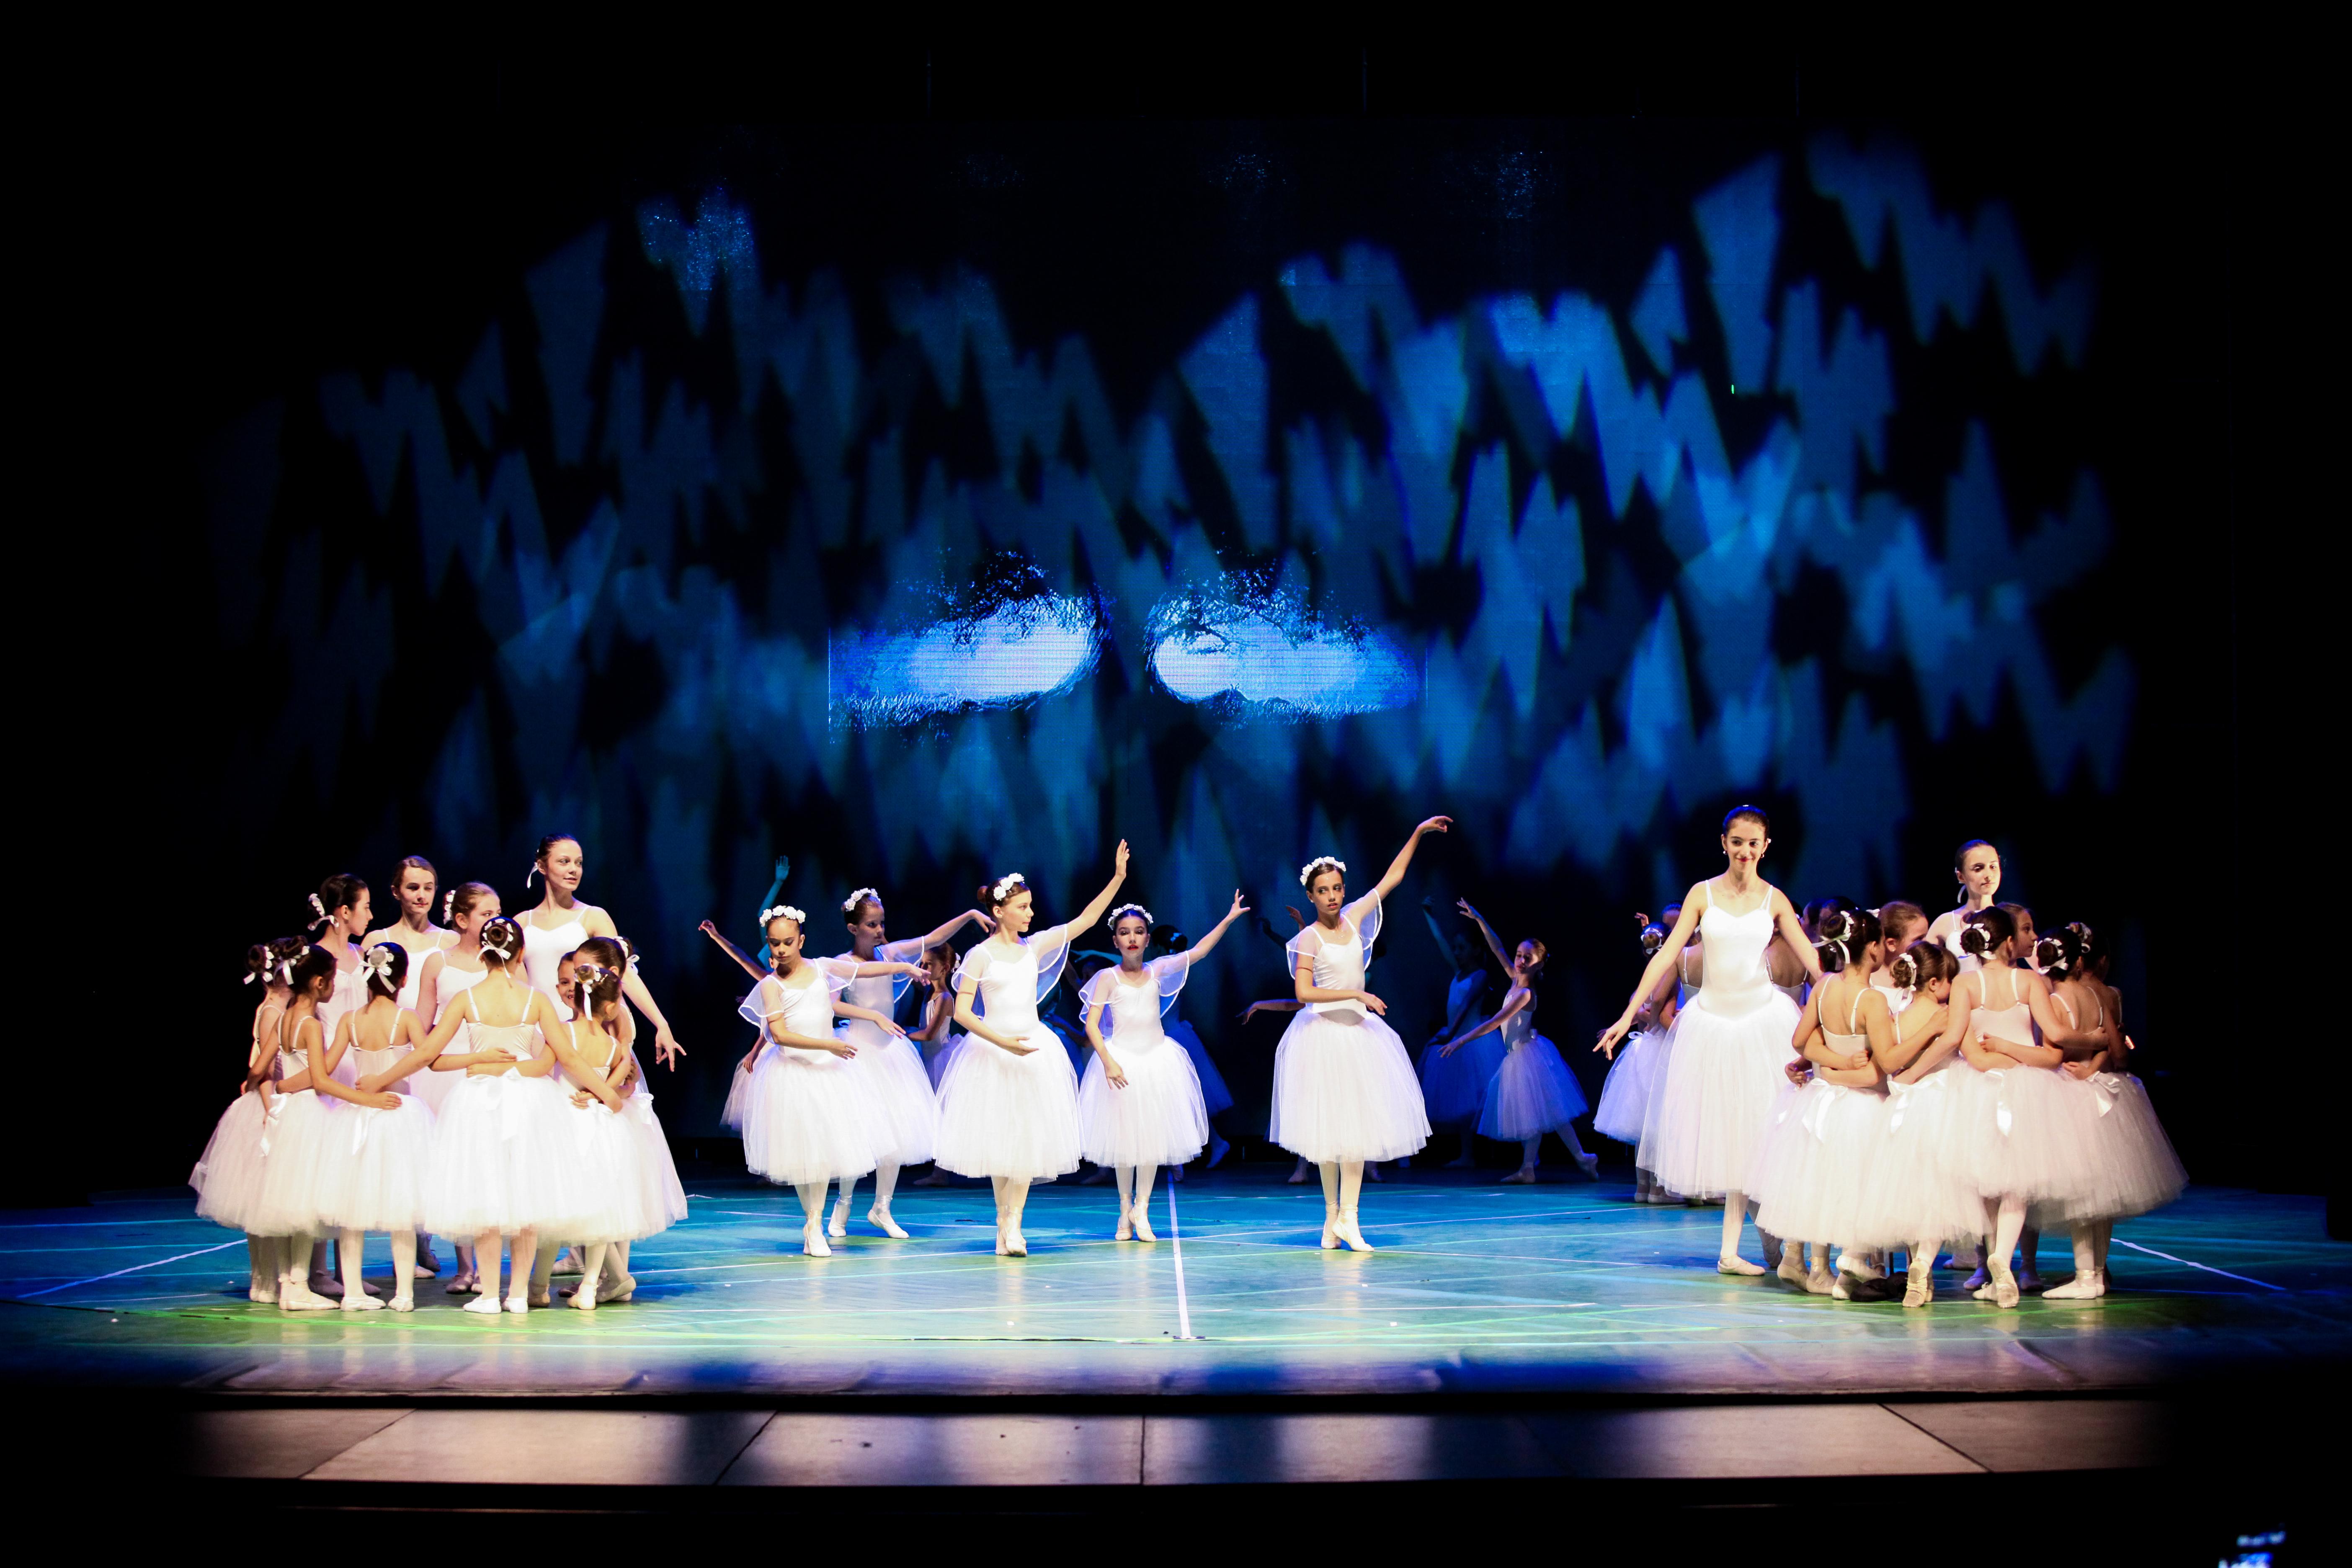 Ne pregătim pentru următorul spectacol Ballet Art din decembrie !